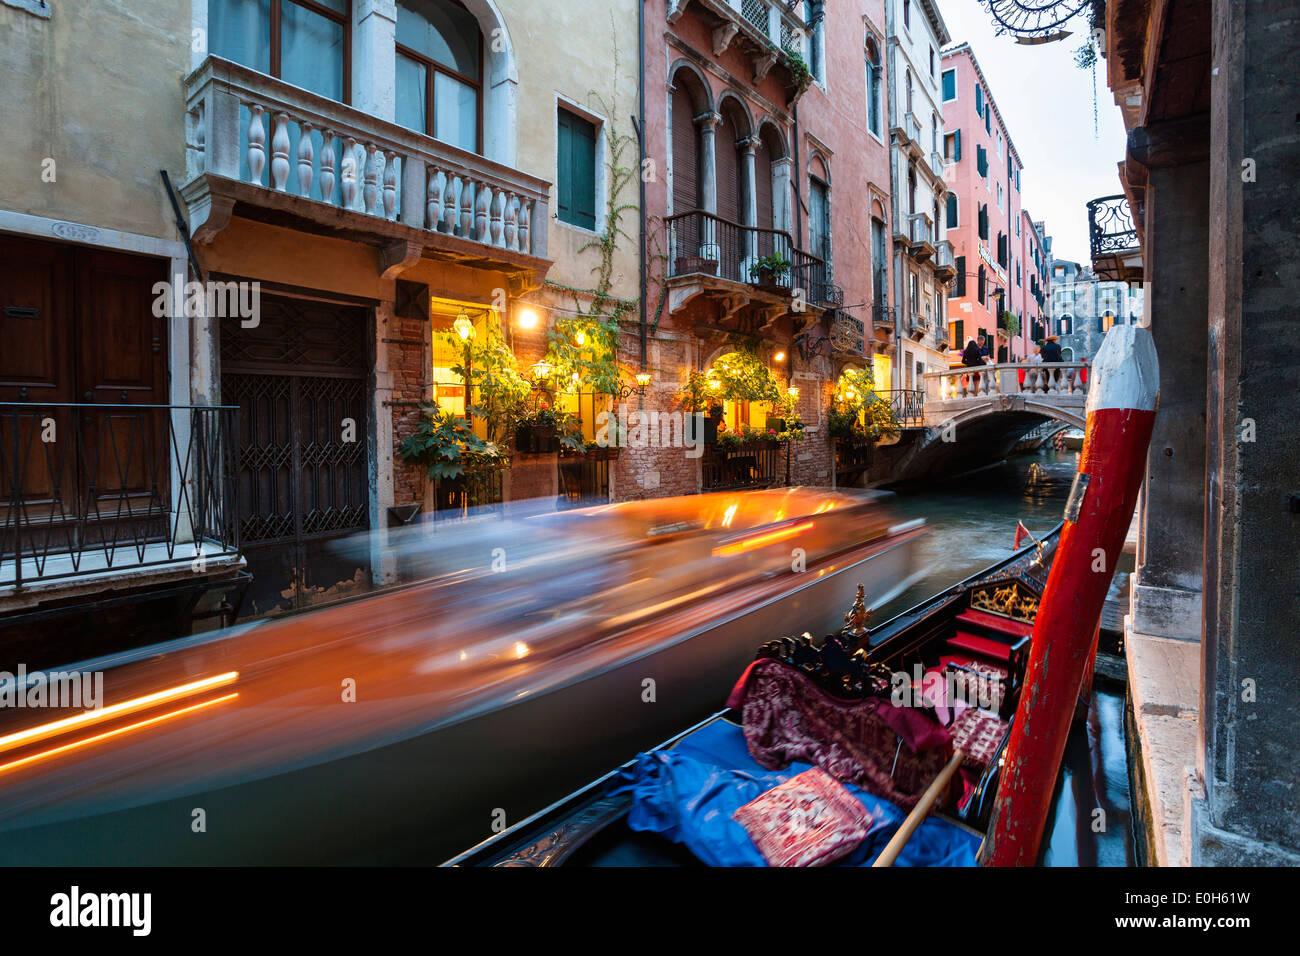 La góndola y restaurante, canal, Venice, Venecia, Italia, Europa Imagen De Stock